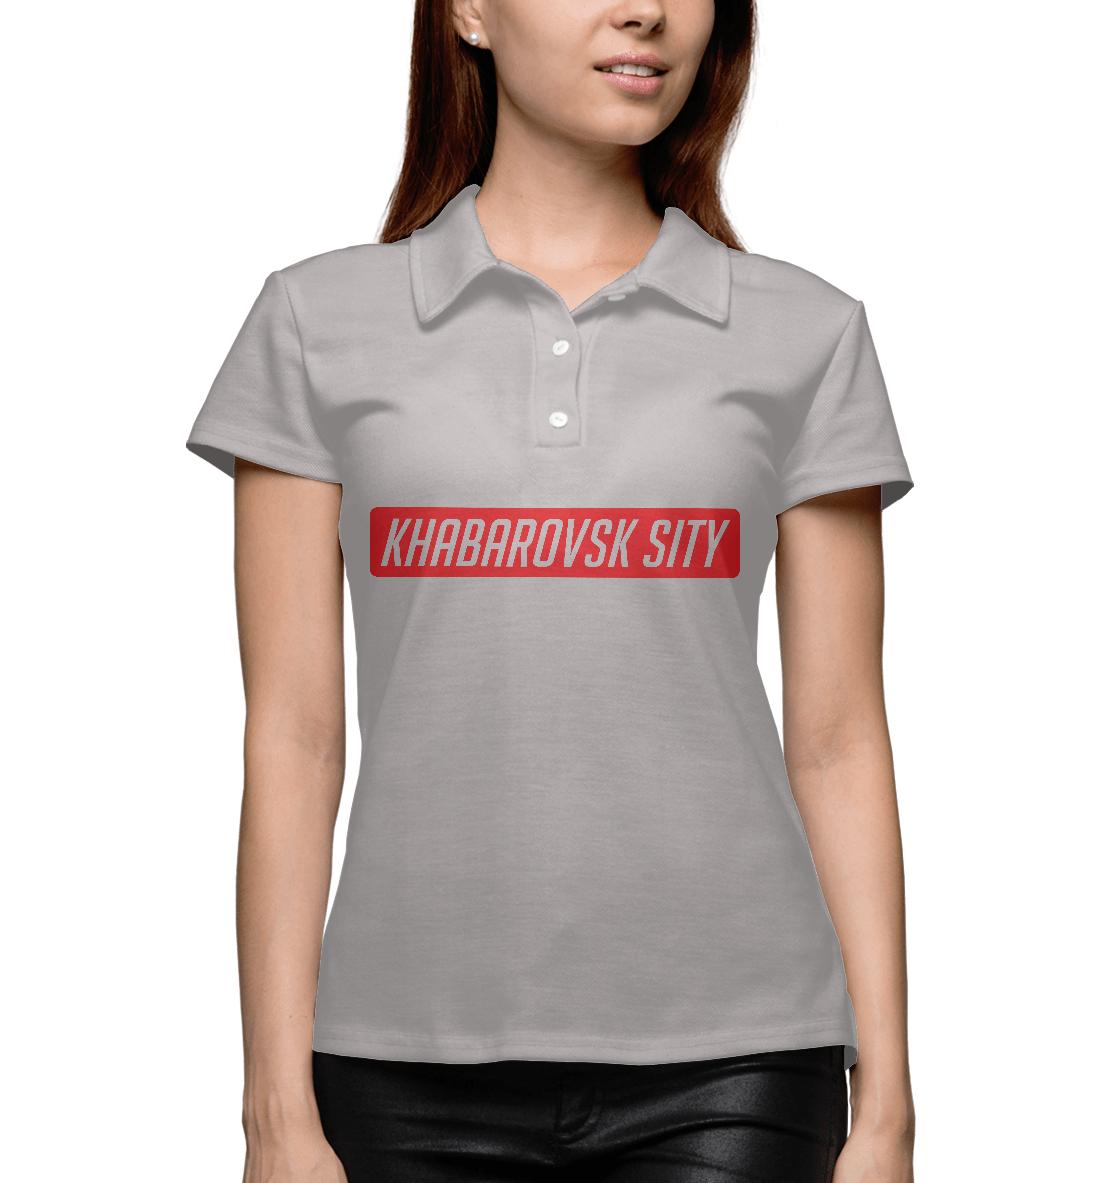 Купить Хабаровск, Printbar, Поло, VSY-413663-pol-1